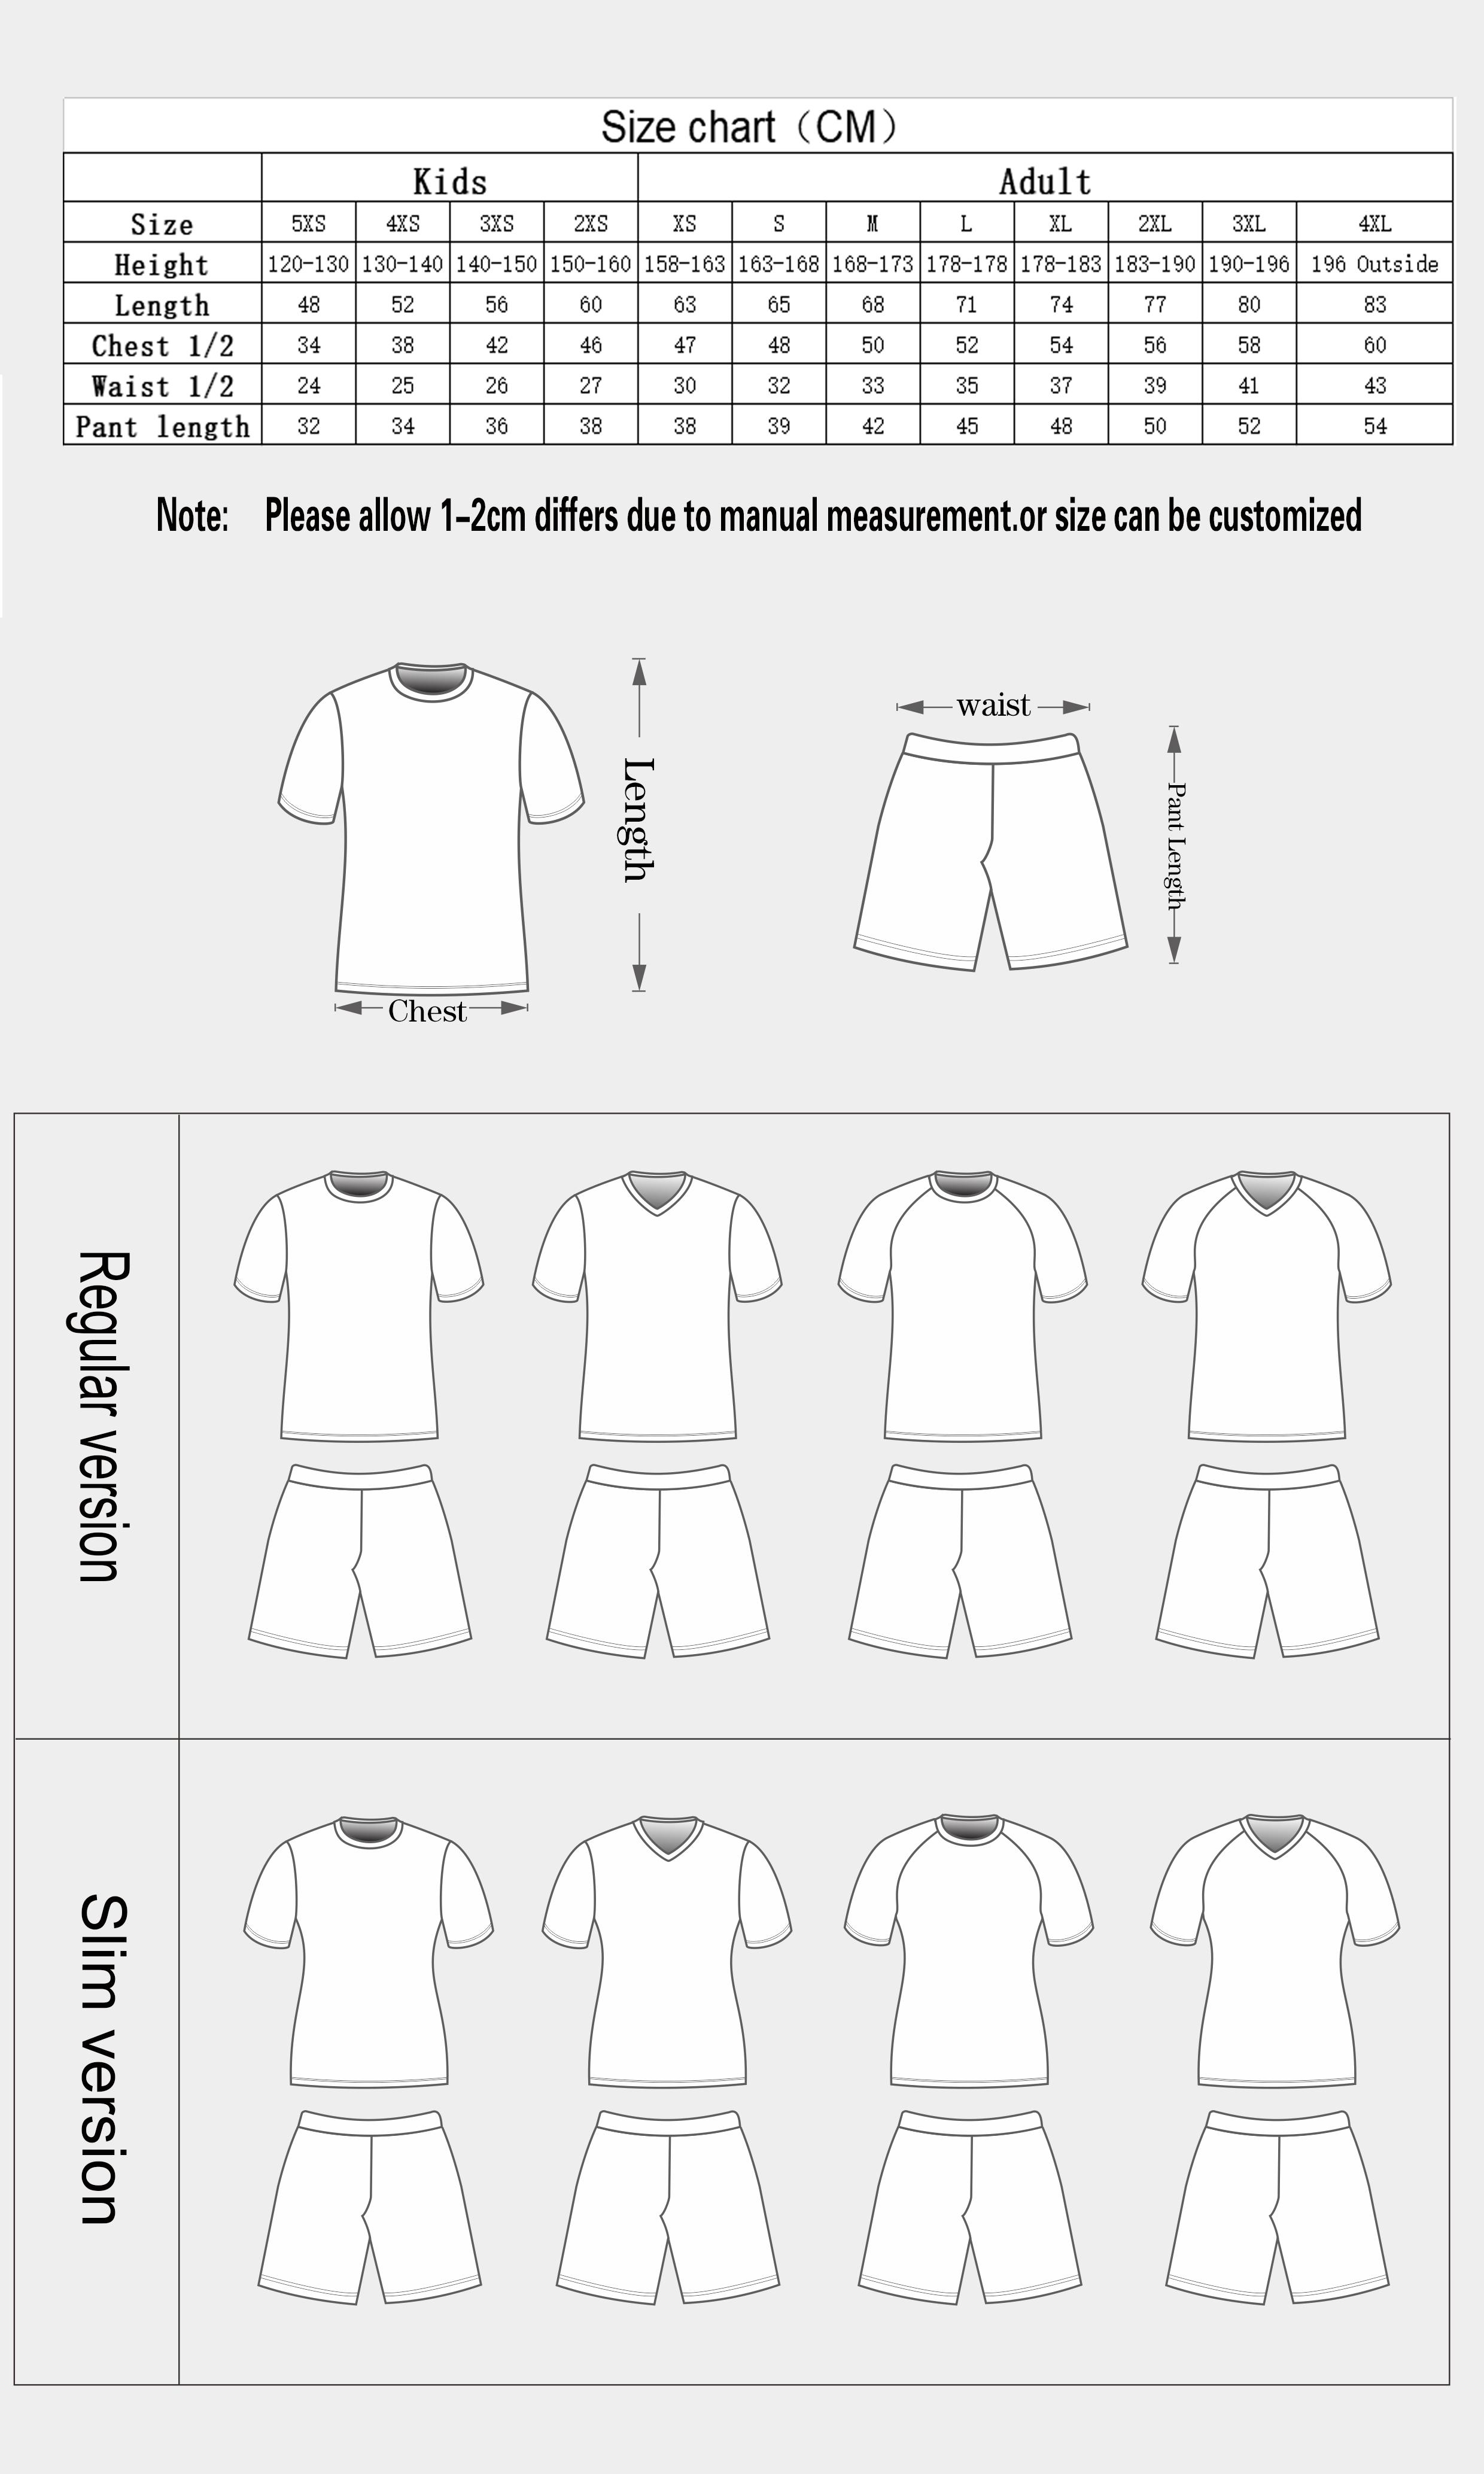 לנשימה נמוך Moq מותאם אישית חולצה יצרנית ג 'רזי סט כדורגל סיטונאי כדורגל + ללבוש כדורגל מדים למכירה